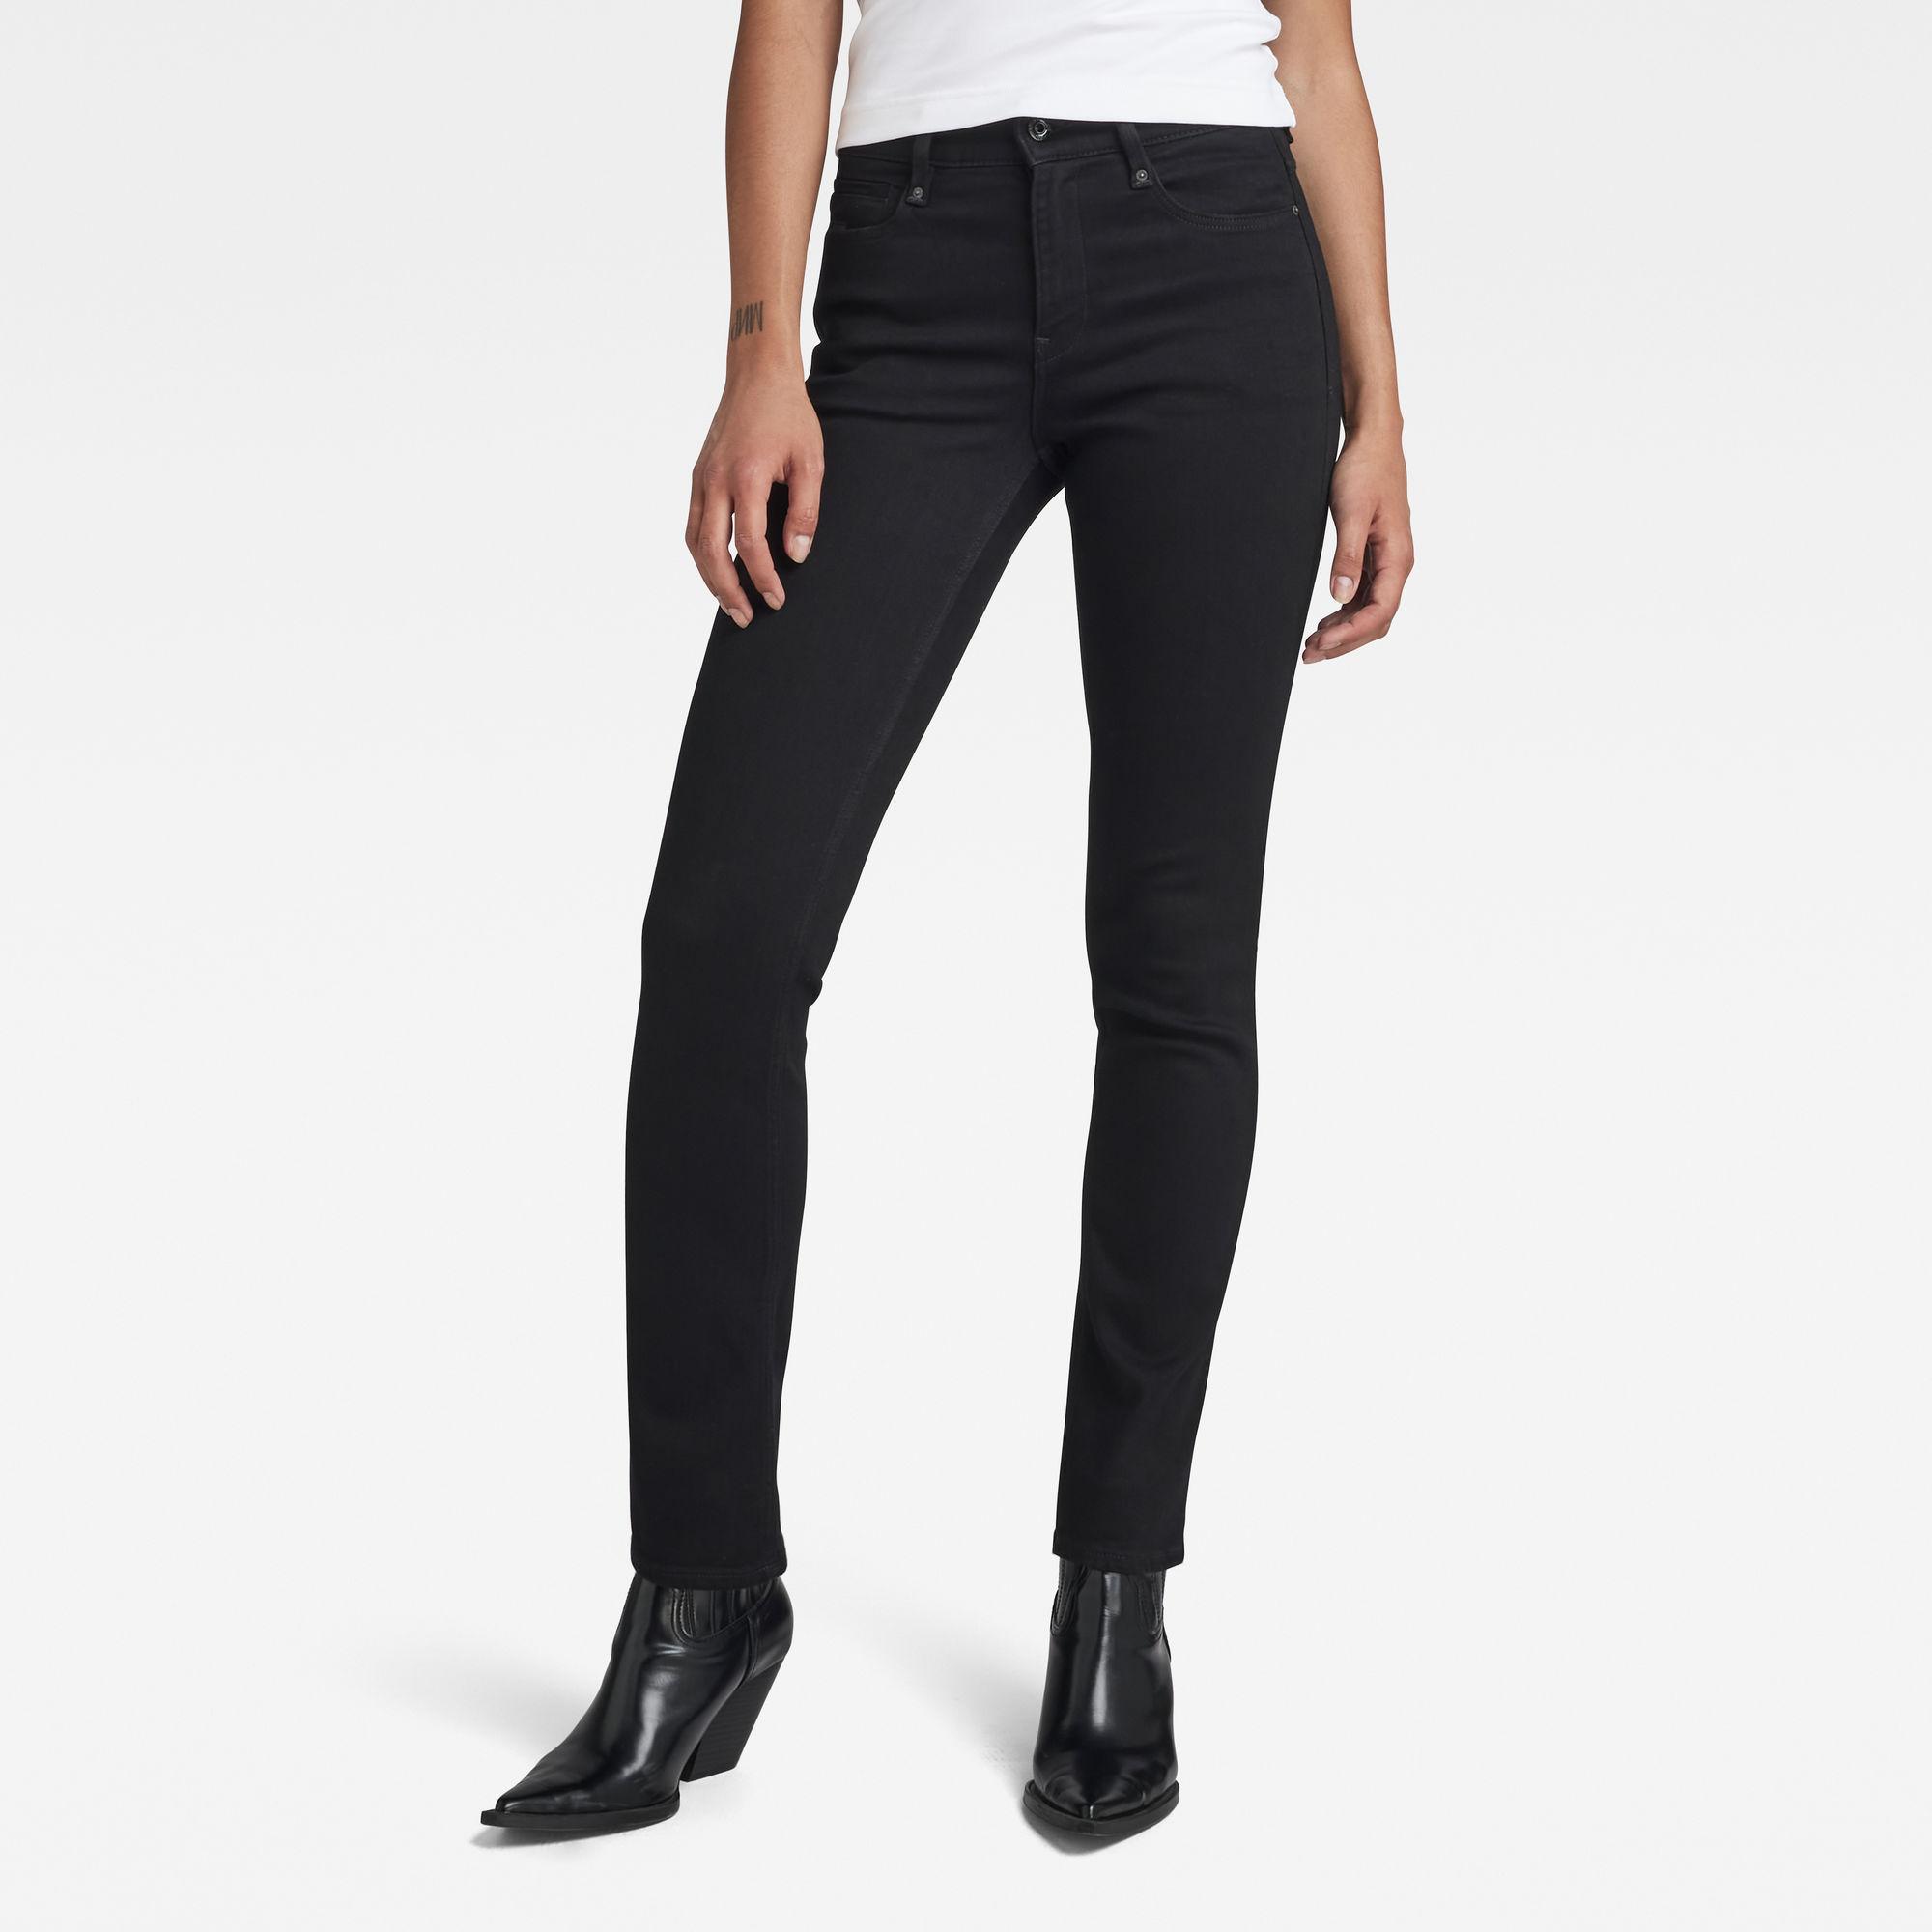 G-Star RAW Dames Noxer Straight Jeans Zwart